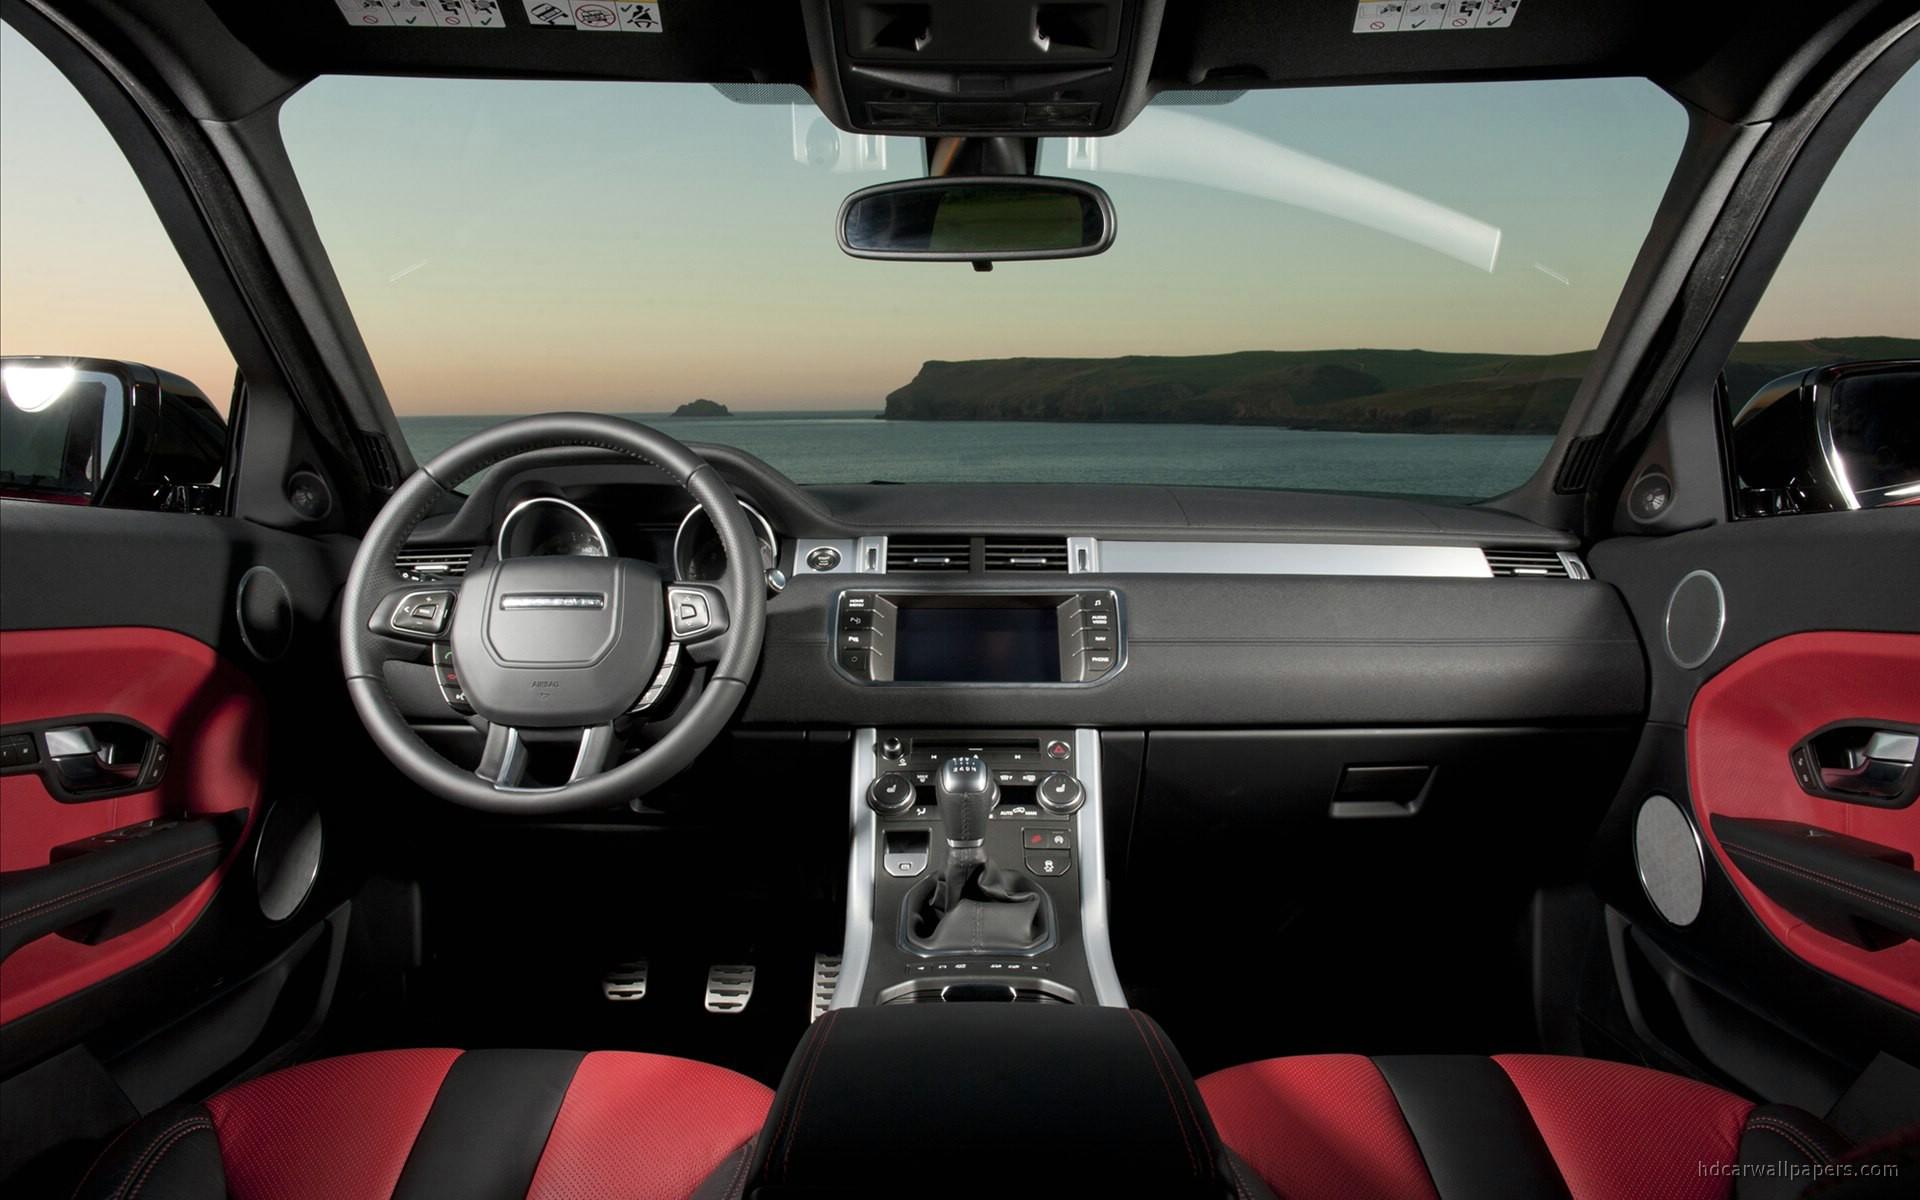 Range Rover Evoque 5 Door Interior Wallpaper